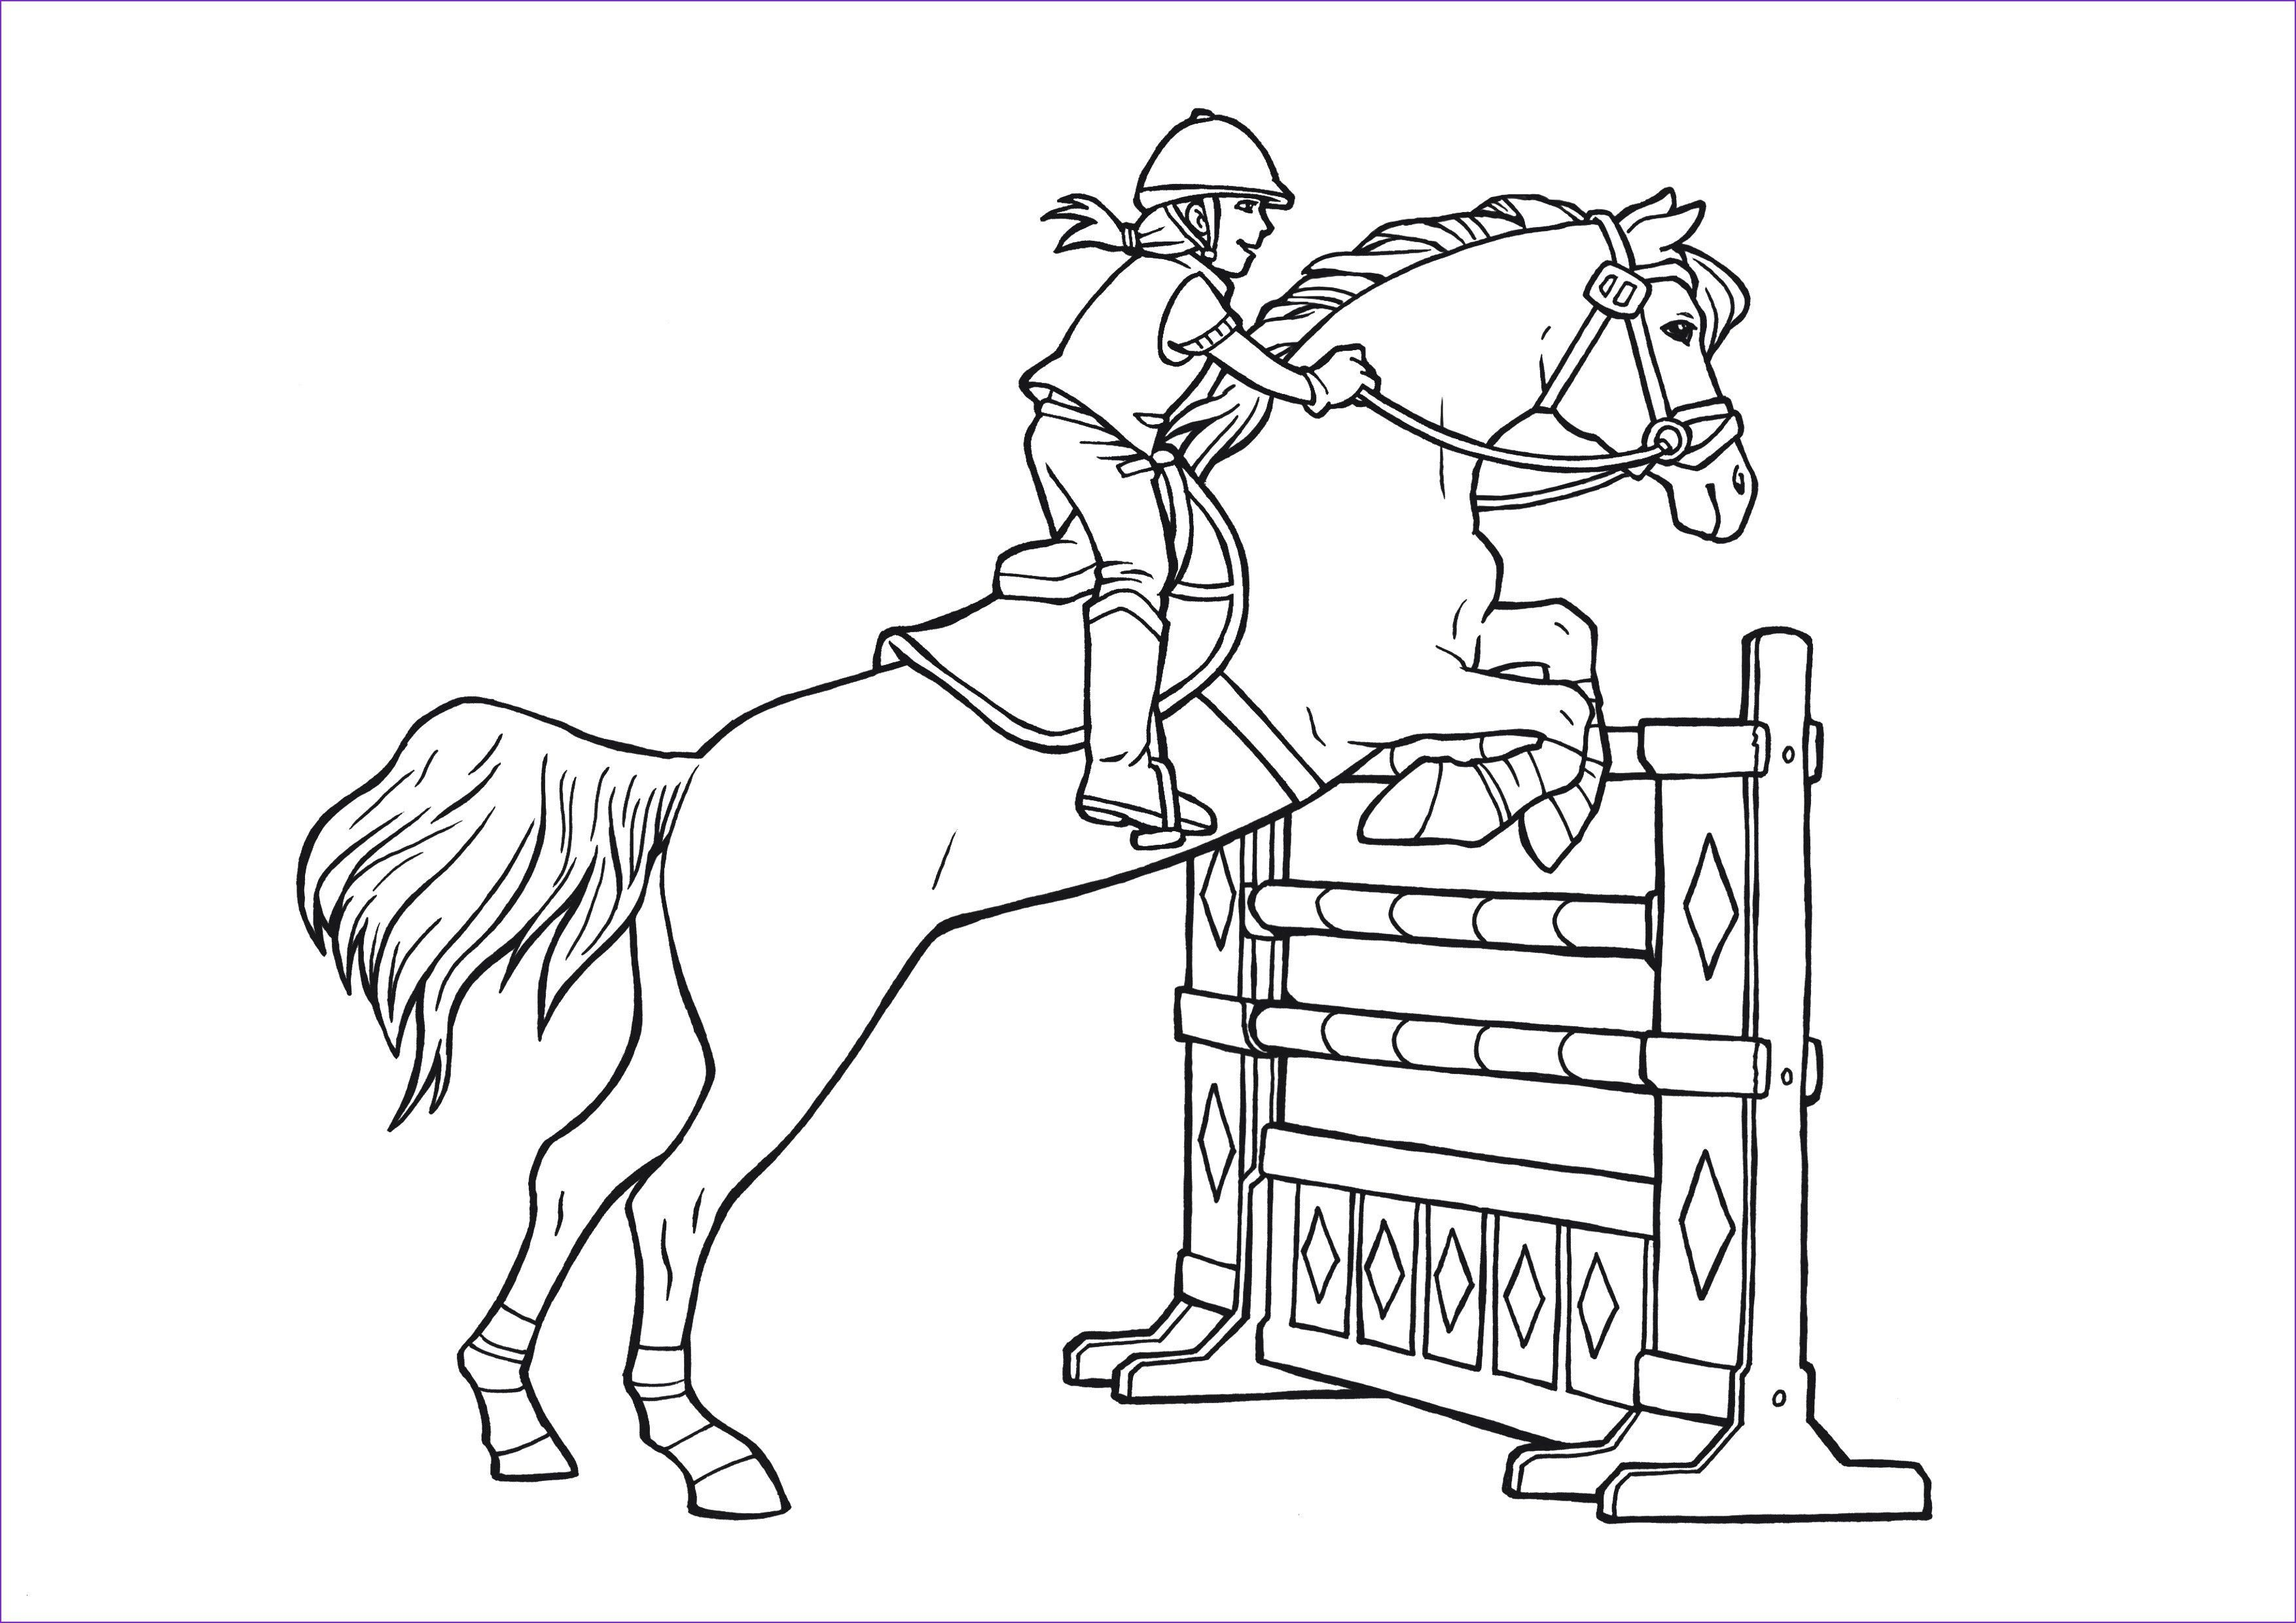 Einzigartig Fee Ausmalbild Farbung Malvorlagen Malvorlagenfurkinder Ausmalbilder Pferde Zum Ausdrucken Malvorlagen Pferde Ausmalbilder Pferde